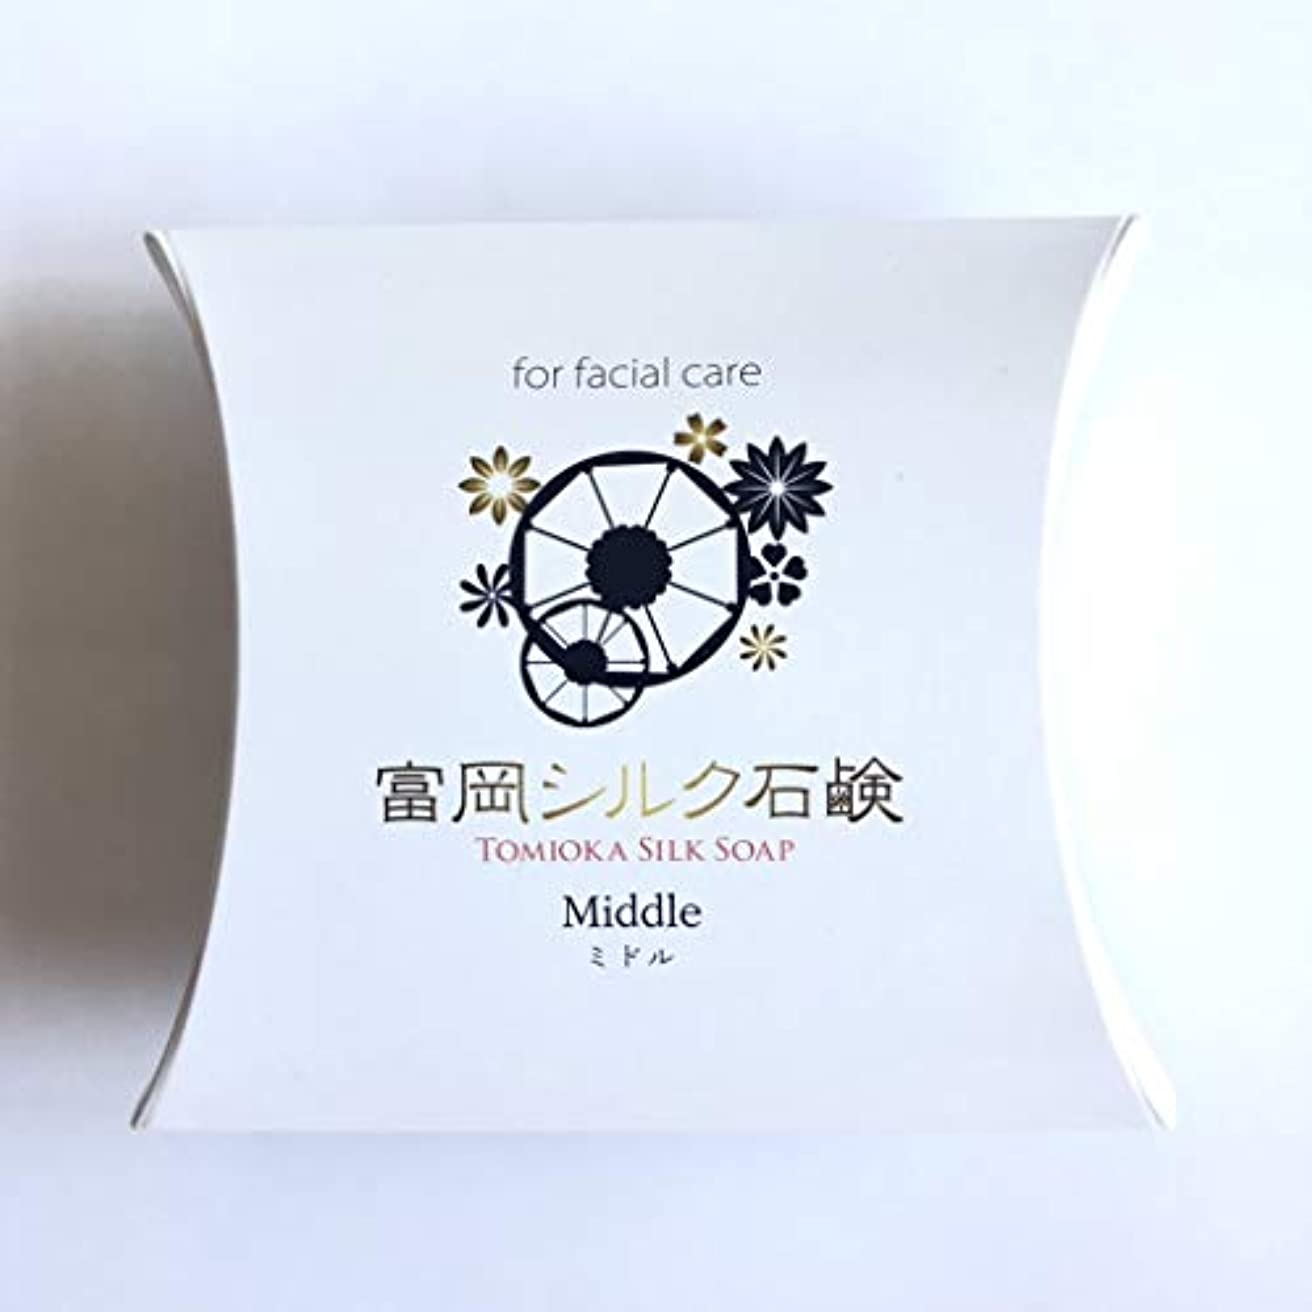 大臣パイント結果絹工房 富岡シルク石鹸 ミドルサイズ(40g)